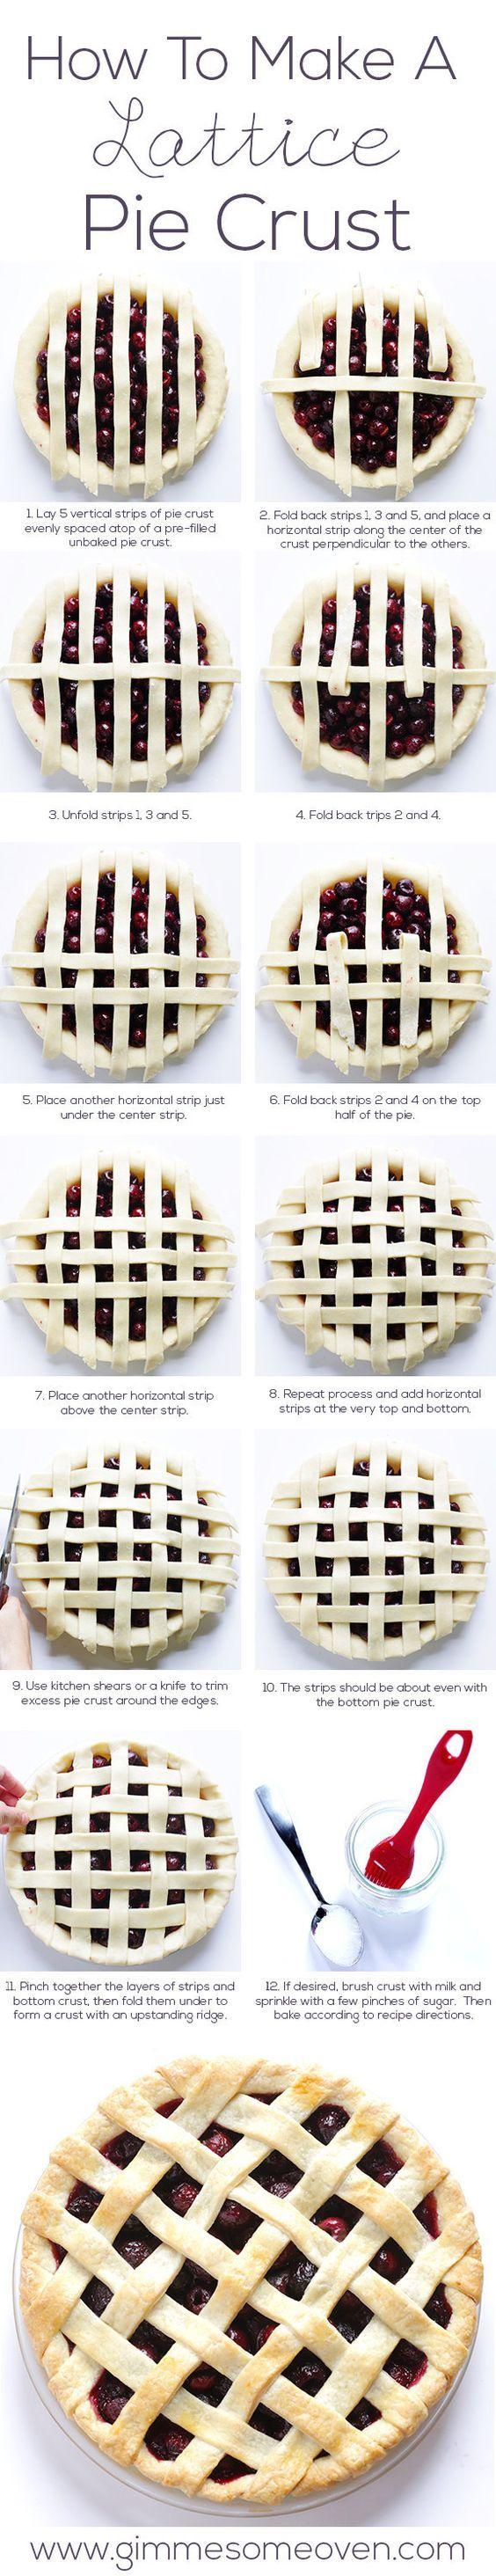 How To Make A Lattice Crust Pie - (Diagram)